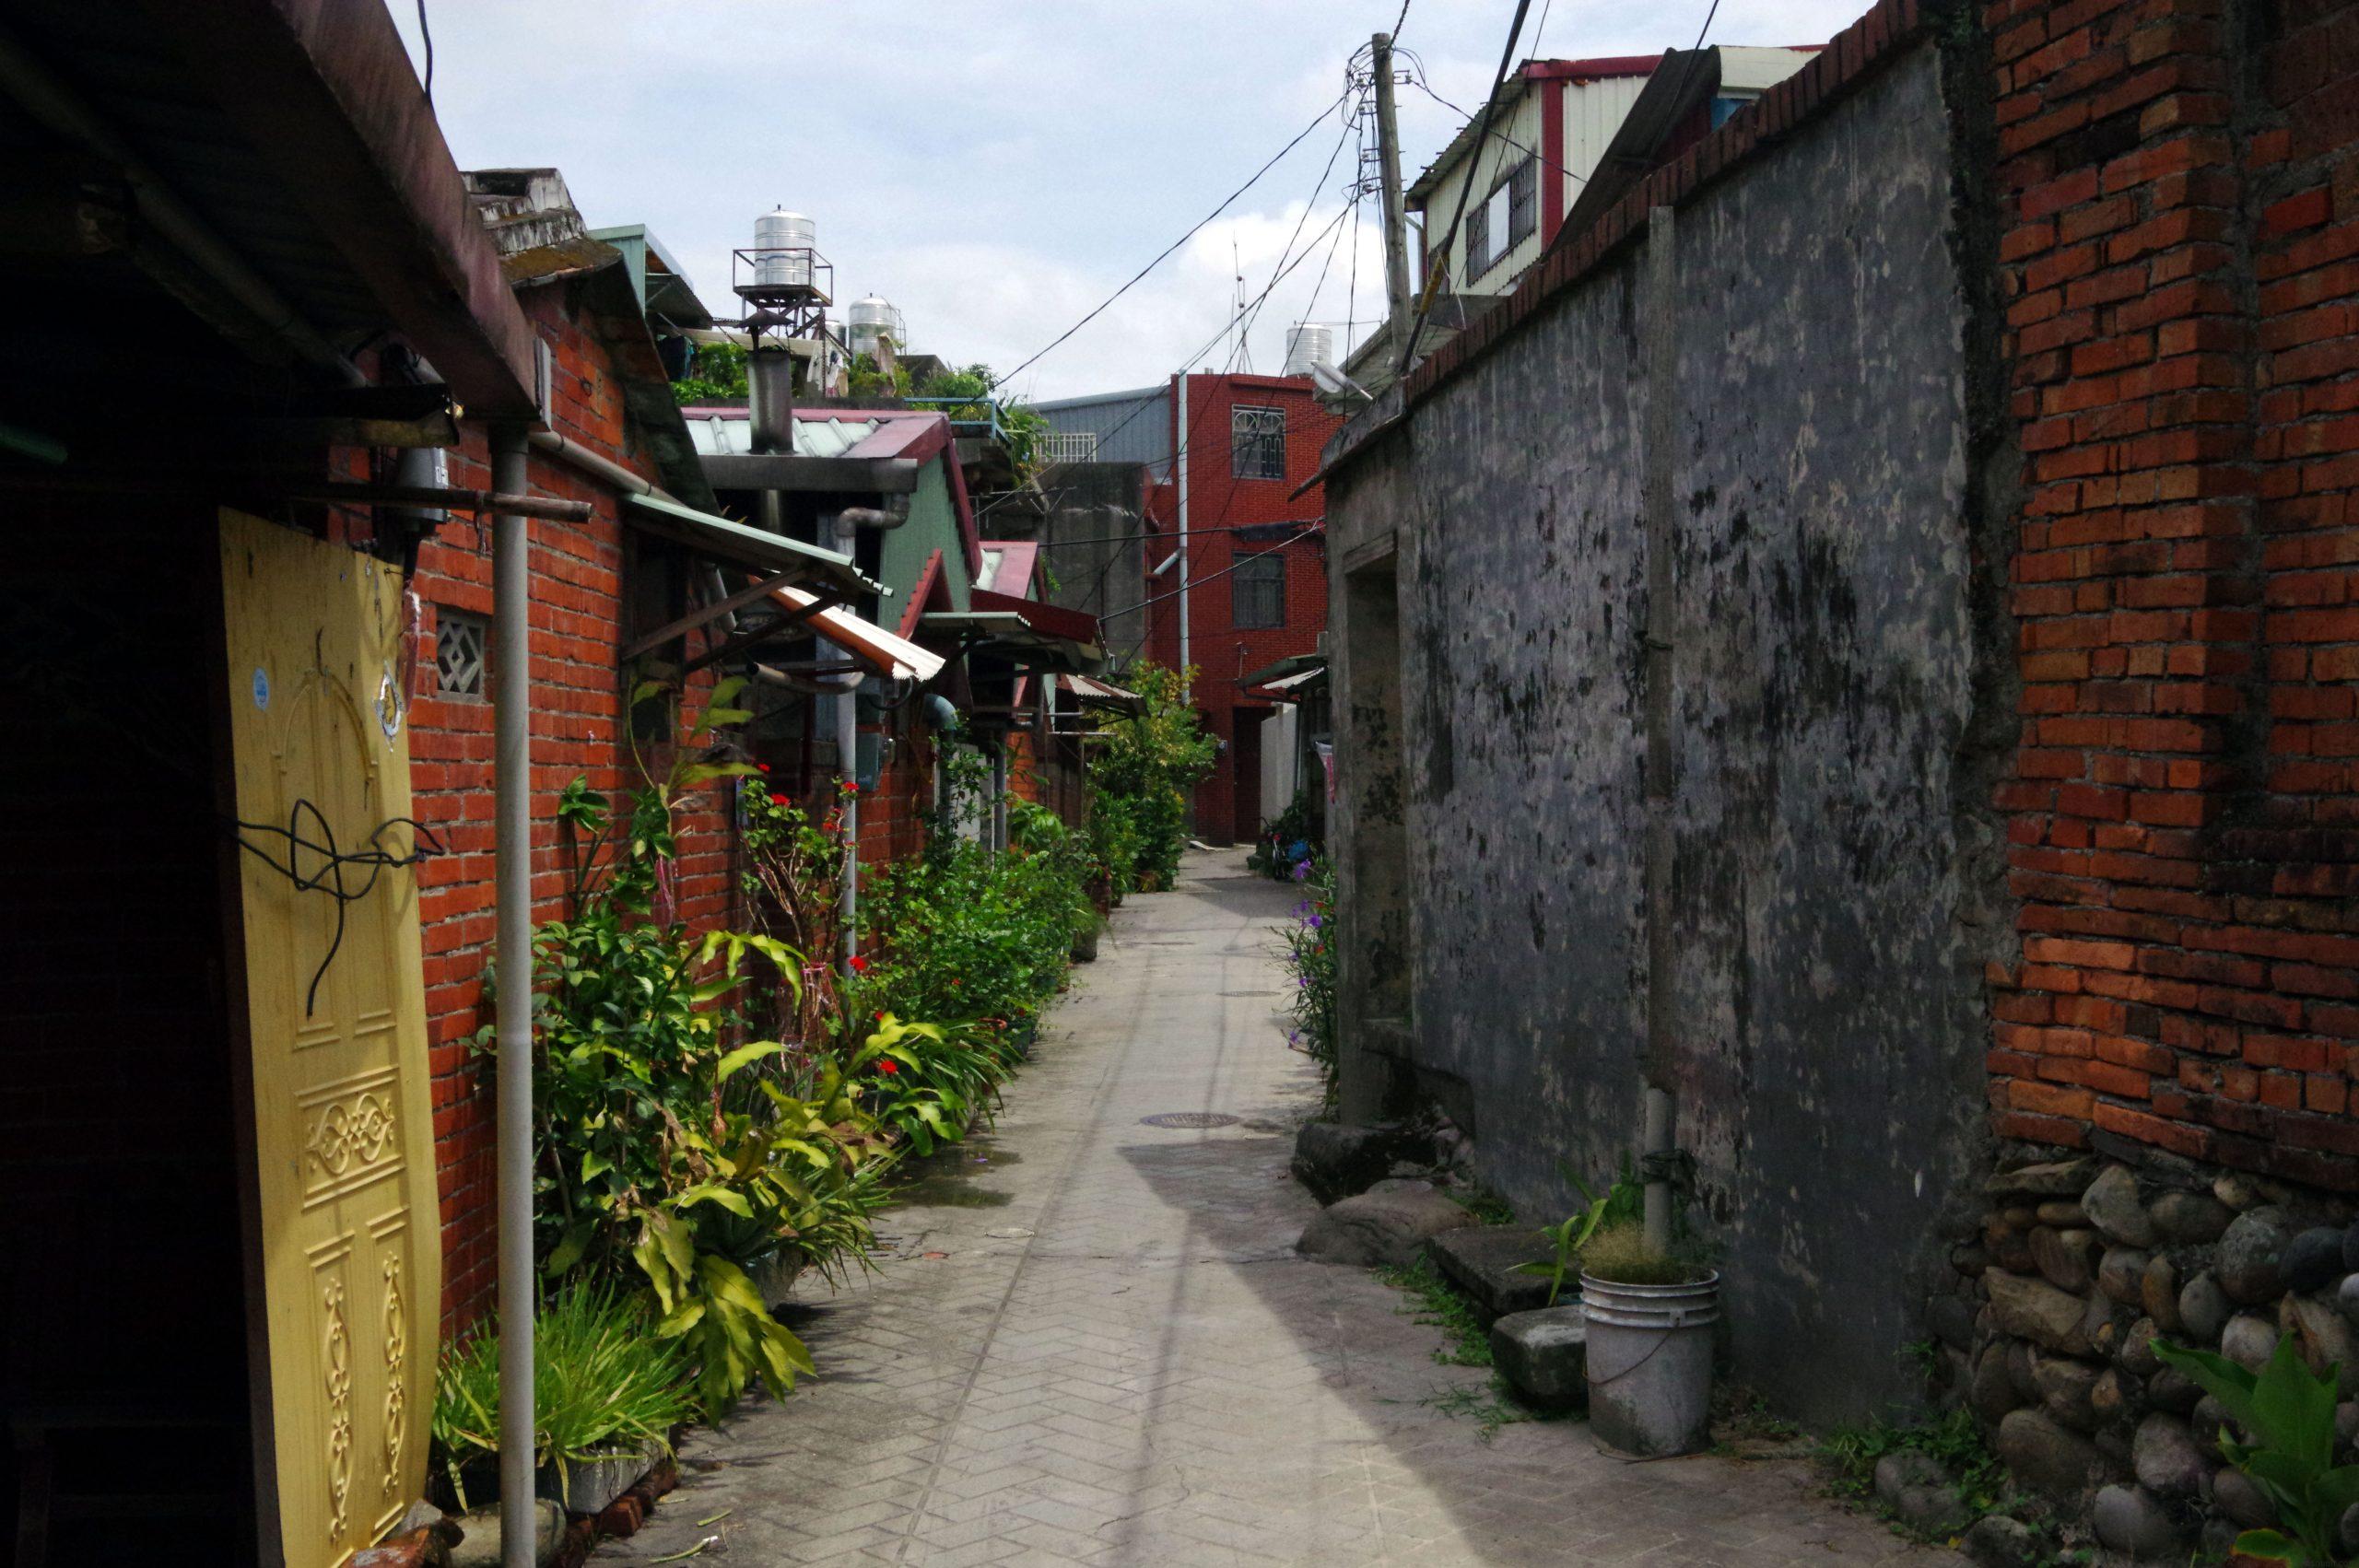 Daxi, Taiwan, 2018